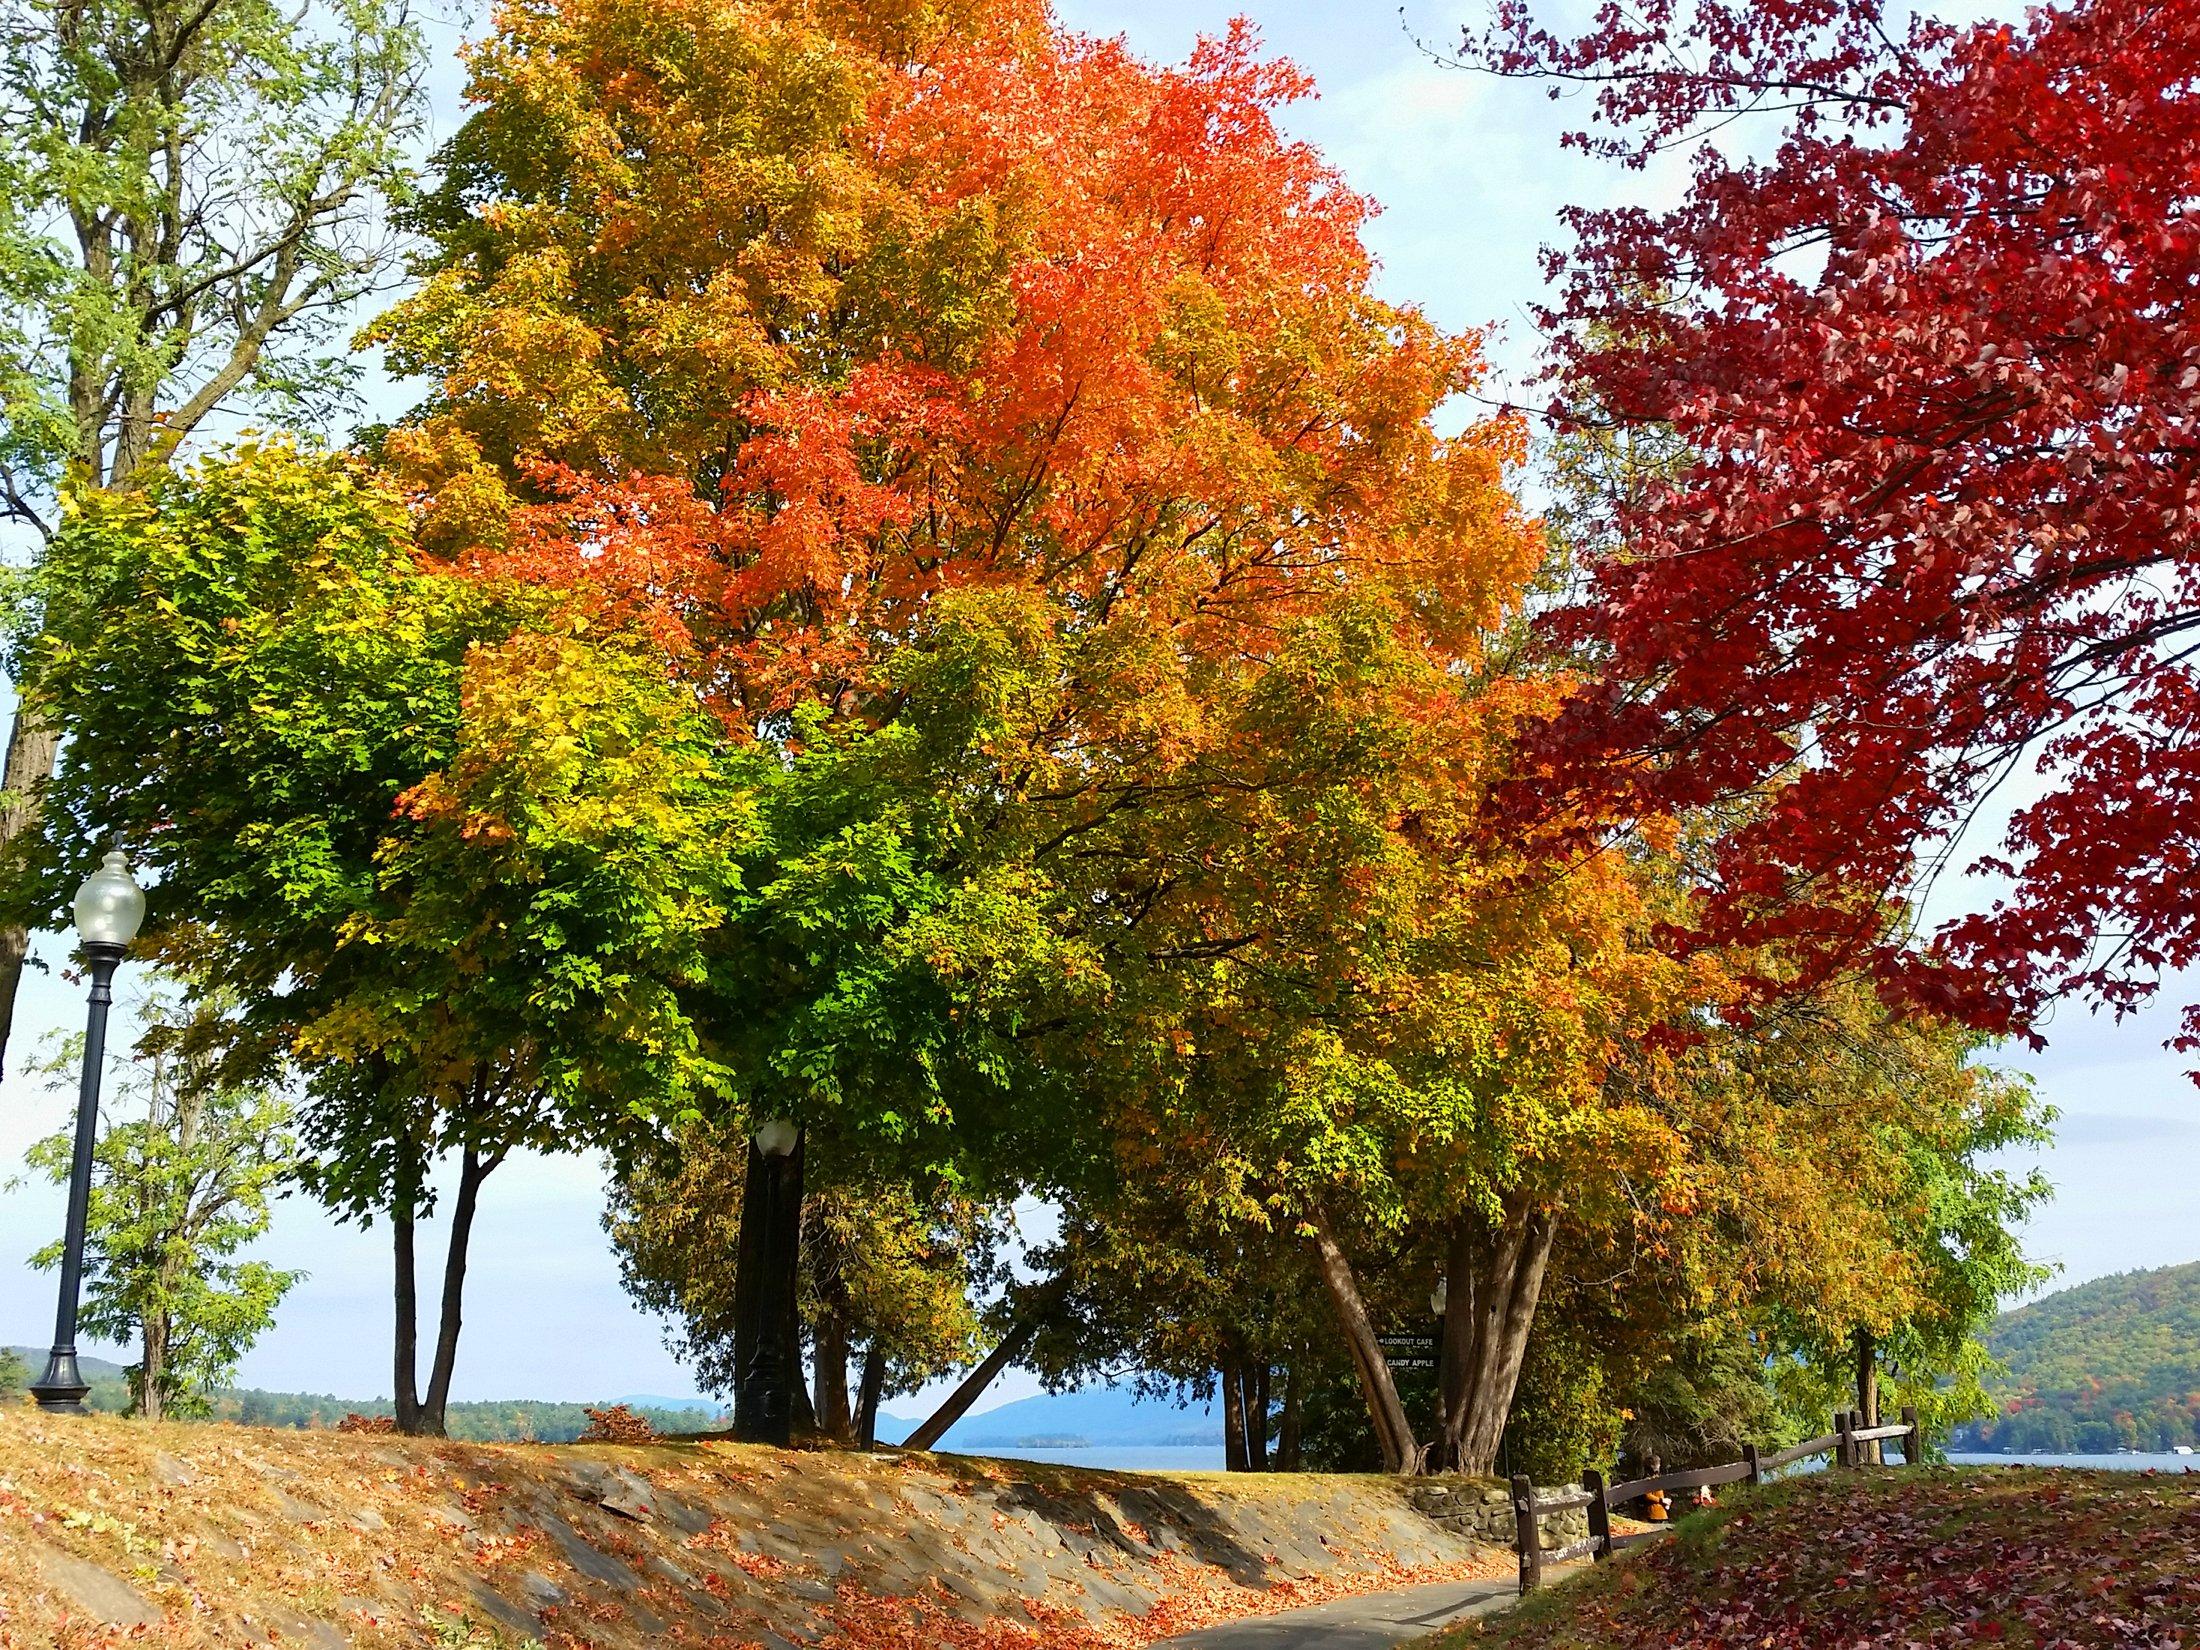 lake-george-autumn-trees